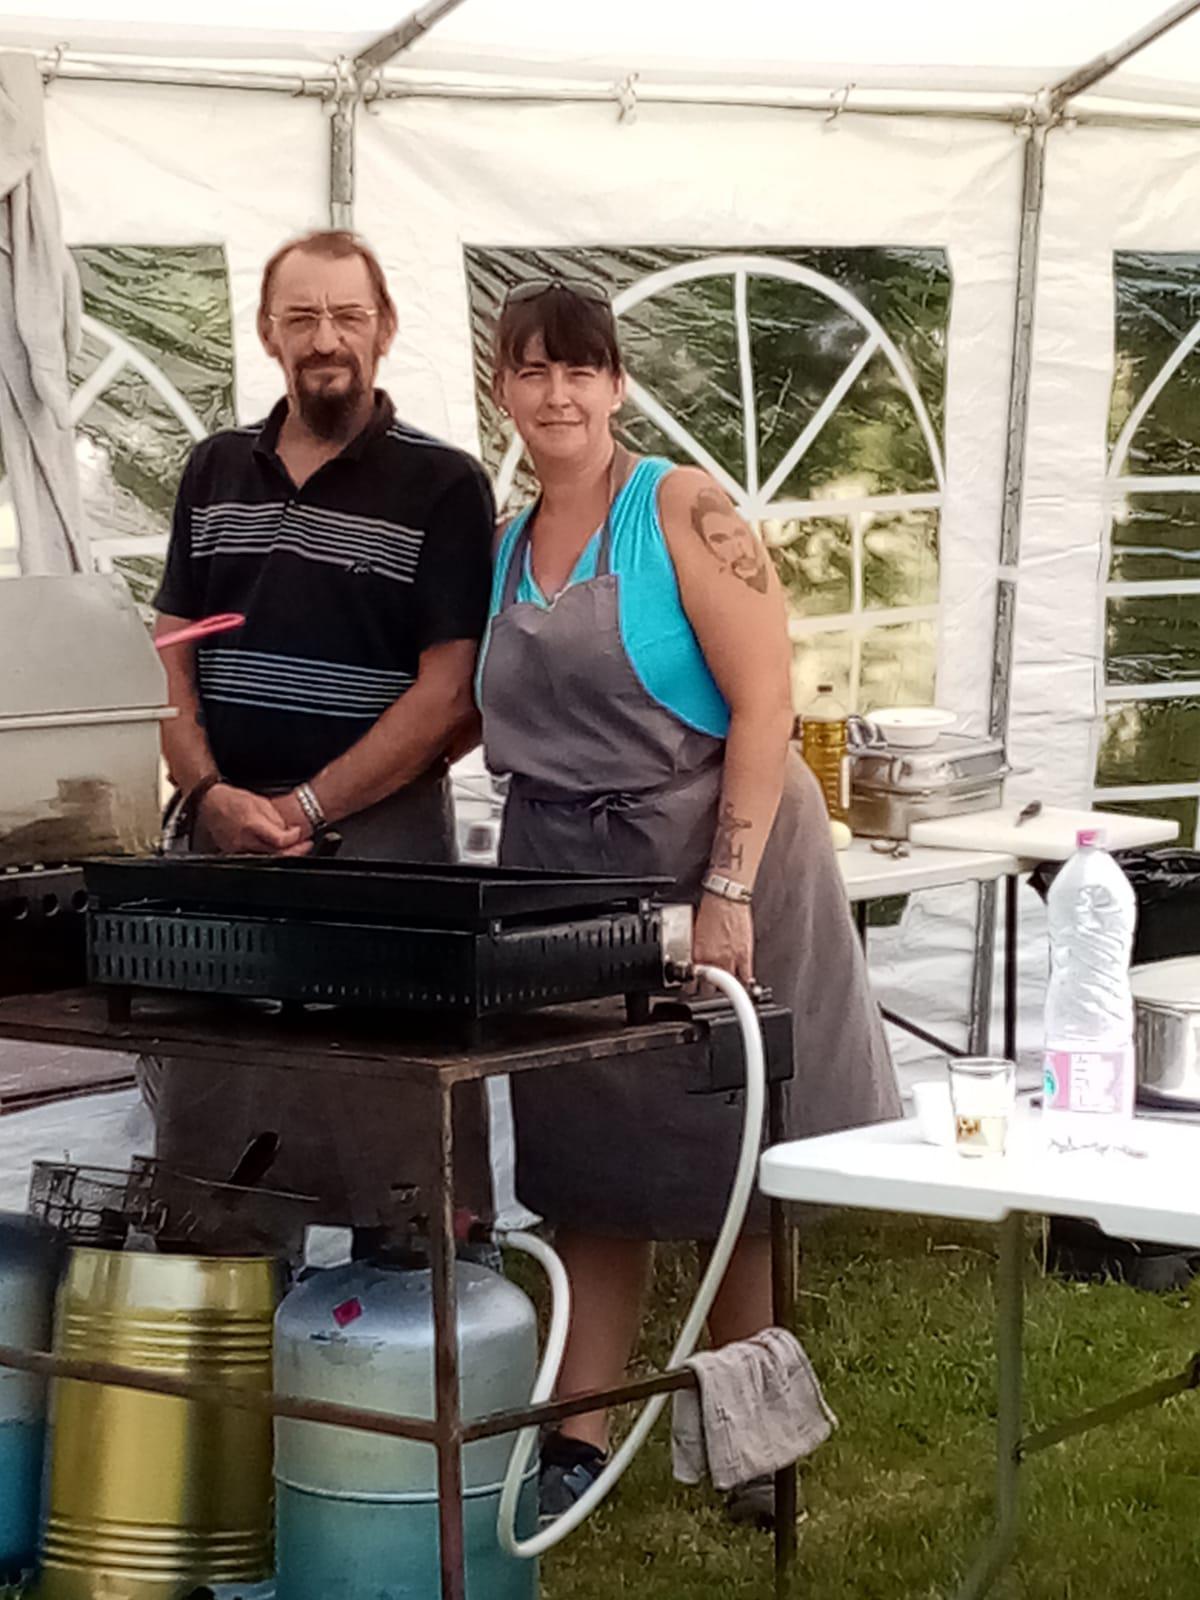 Le Barbecue du club de l'amitié sous le soleil normand!